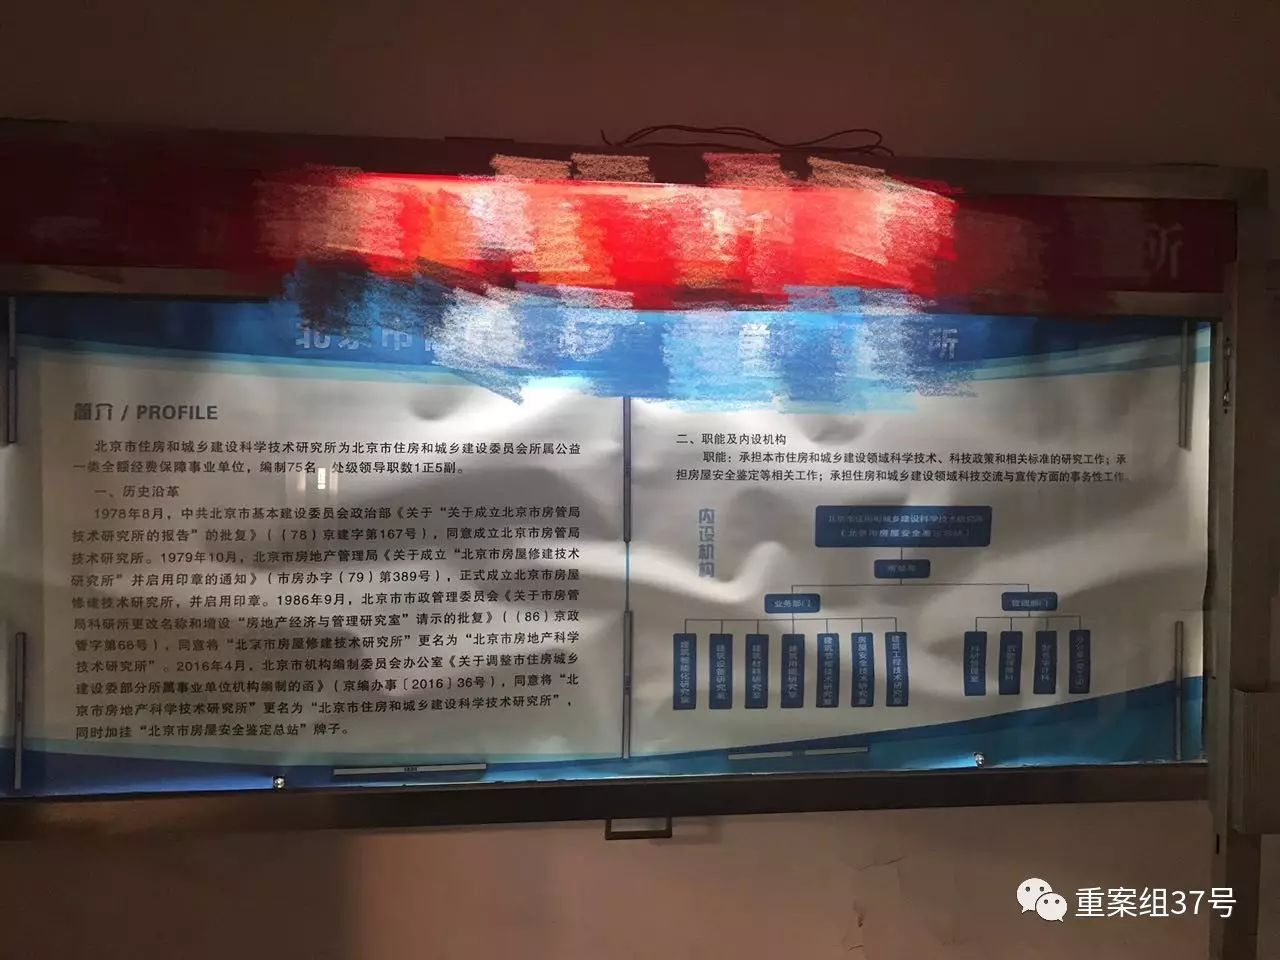 ▲2011年到2012年翟某的工作单位,工作人员称其表现很好。  新京报记者刘经宇 摄